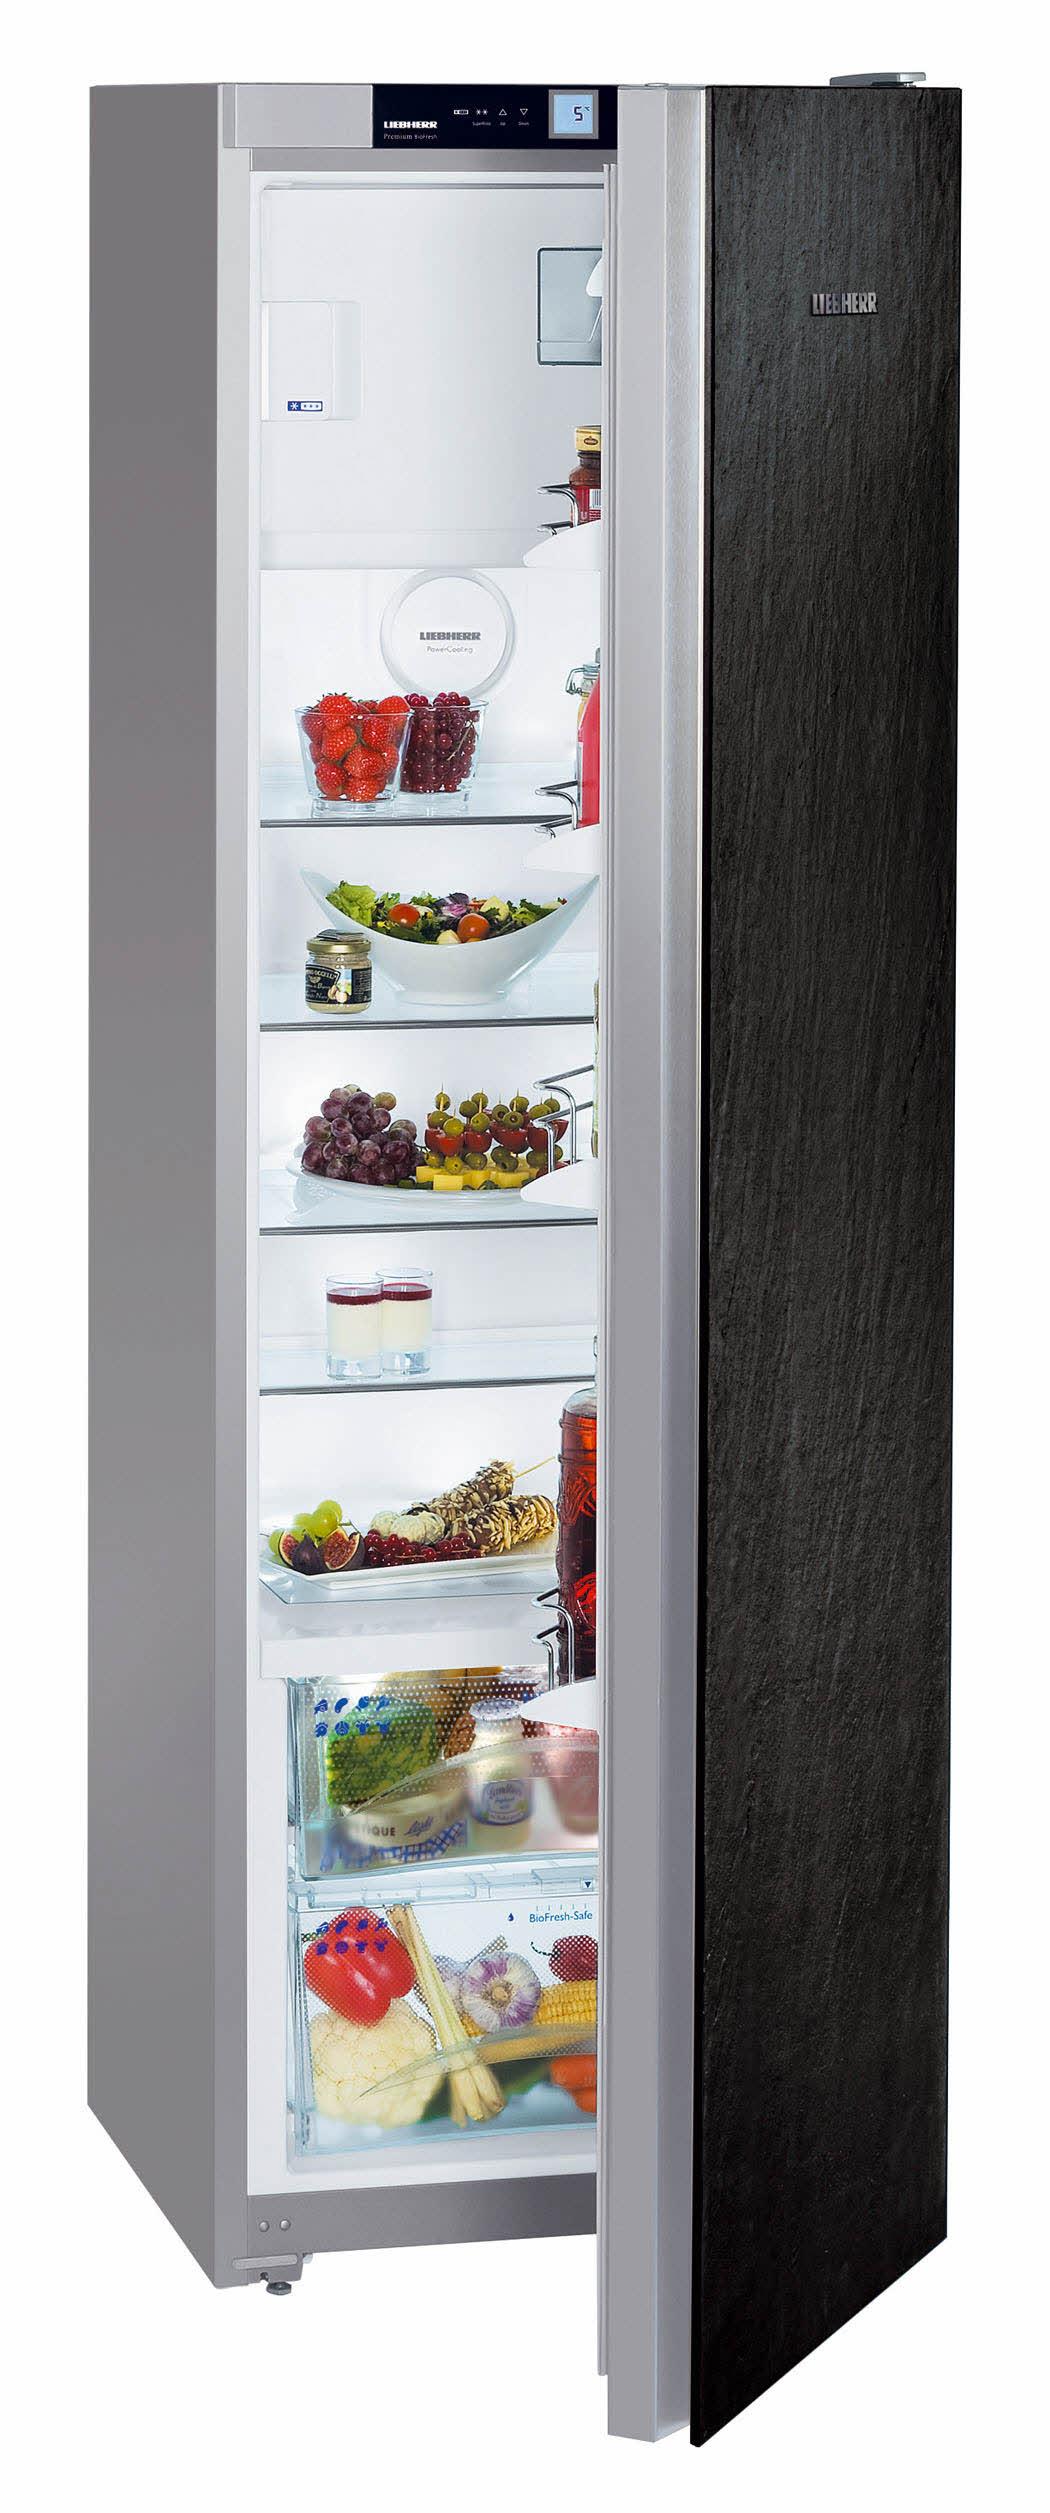 Liebherr KBs3864 koelkast met leisteen front